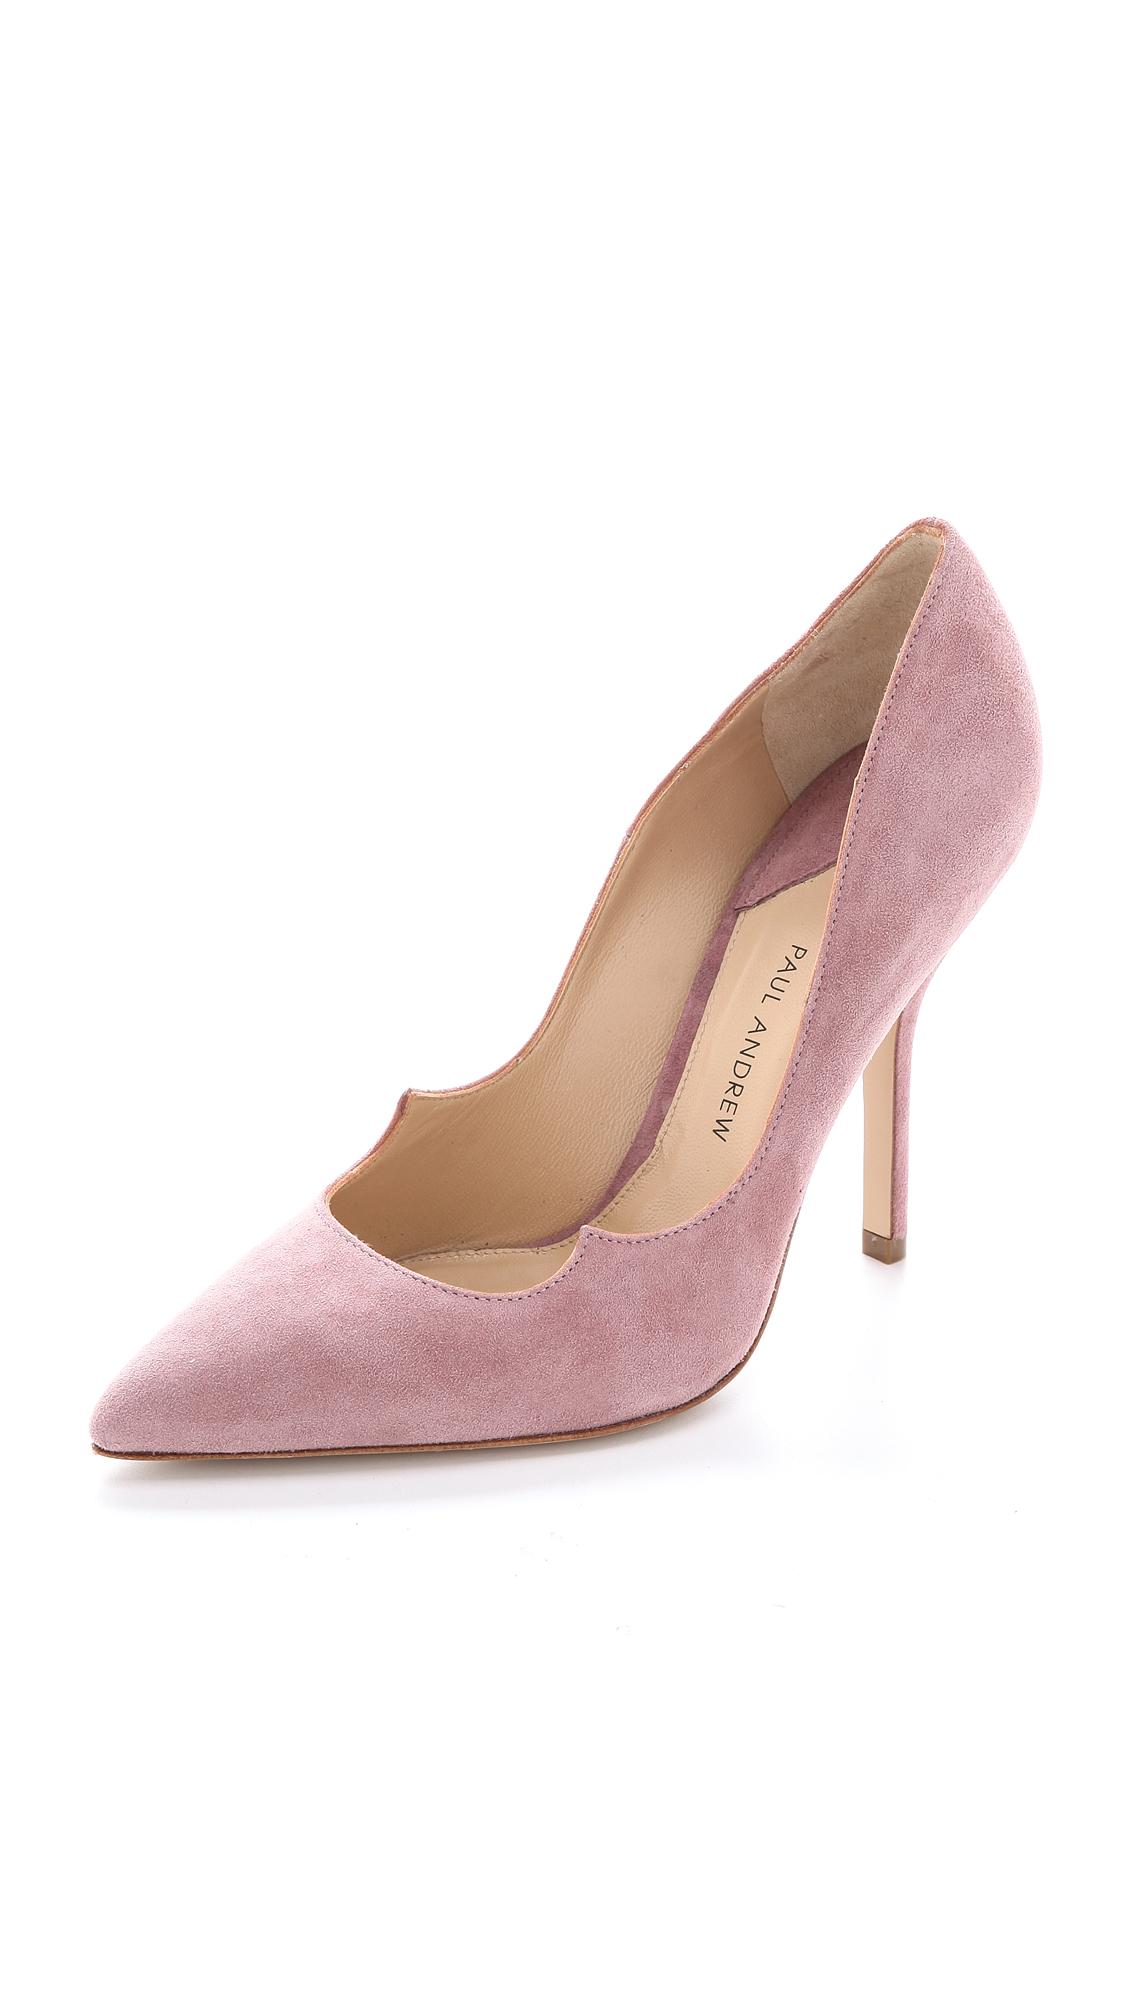 Lyst Paul Andrew Zenadia Pumps Dusty Rose In Pink